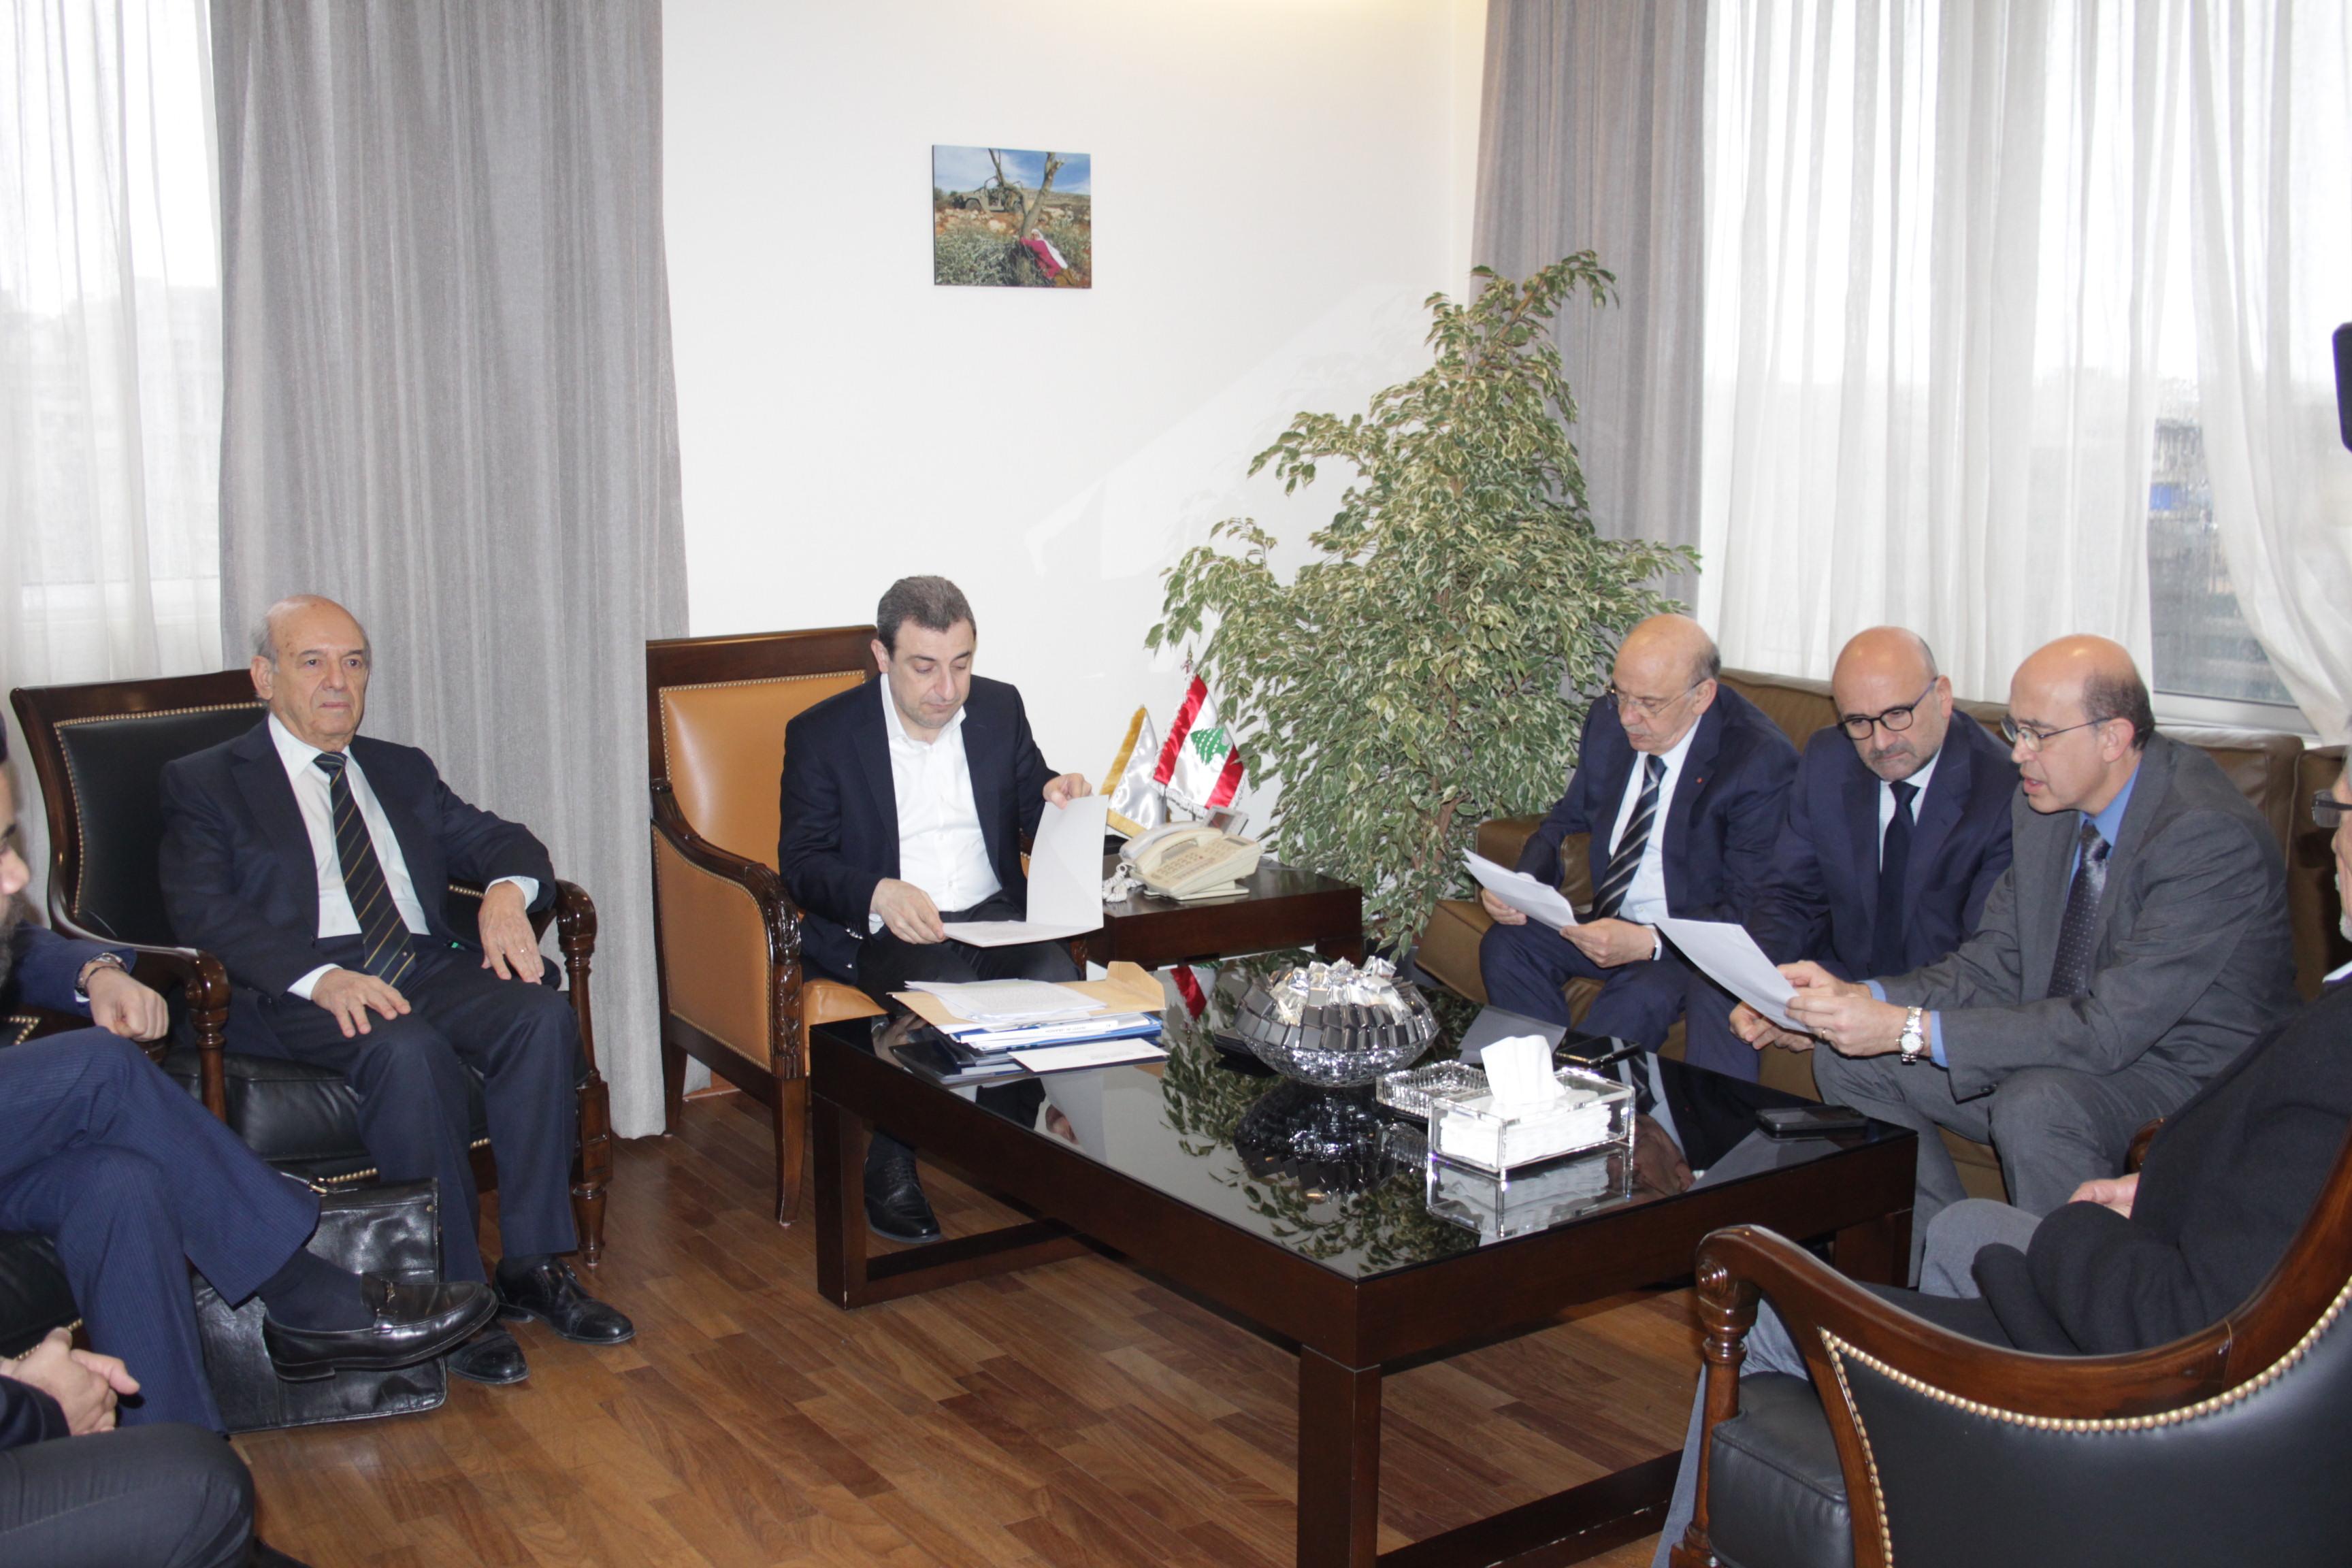 صورة الوزير ابو فاعور مع نواب جبيل واصحاب المصنع في اده